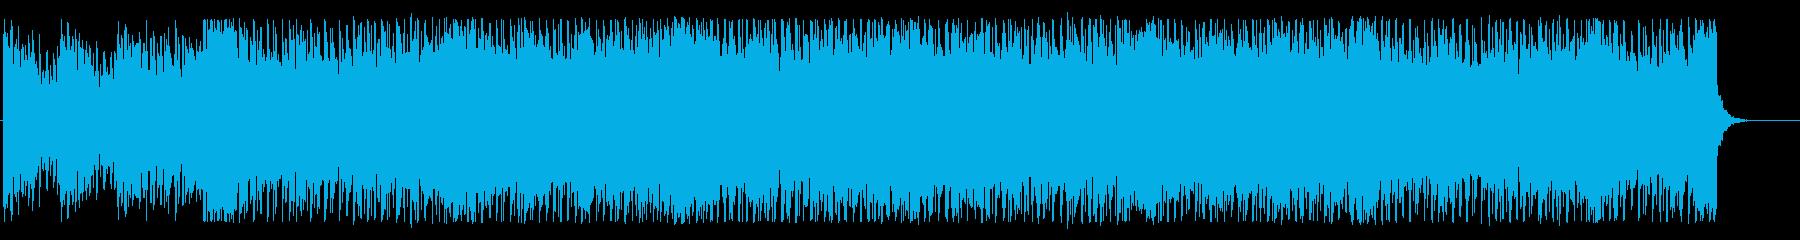 アップテンポでエネルギッシュなBGMの再生済みの波形